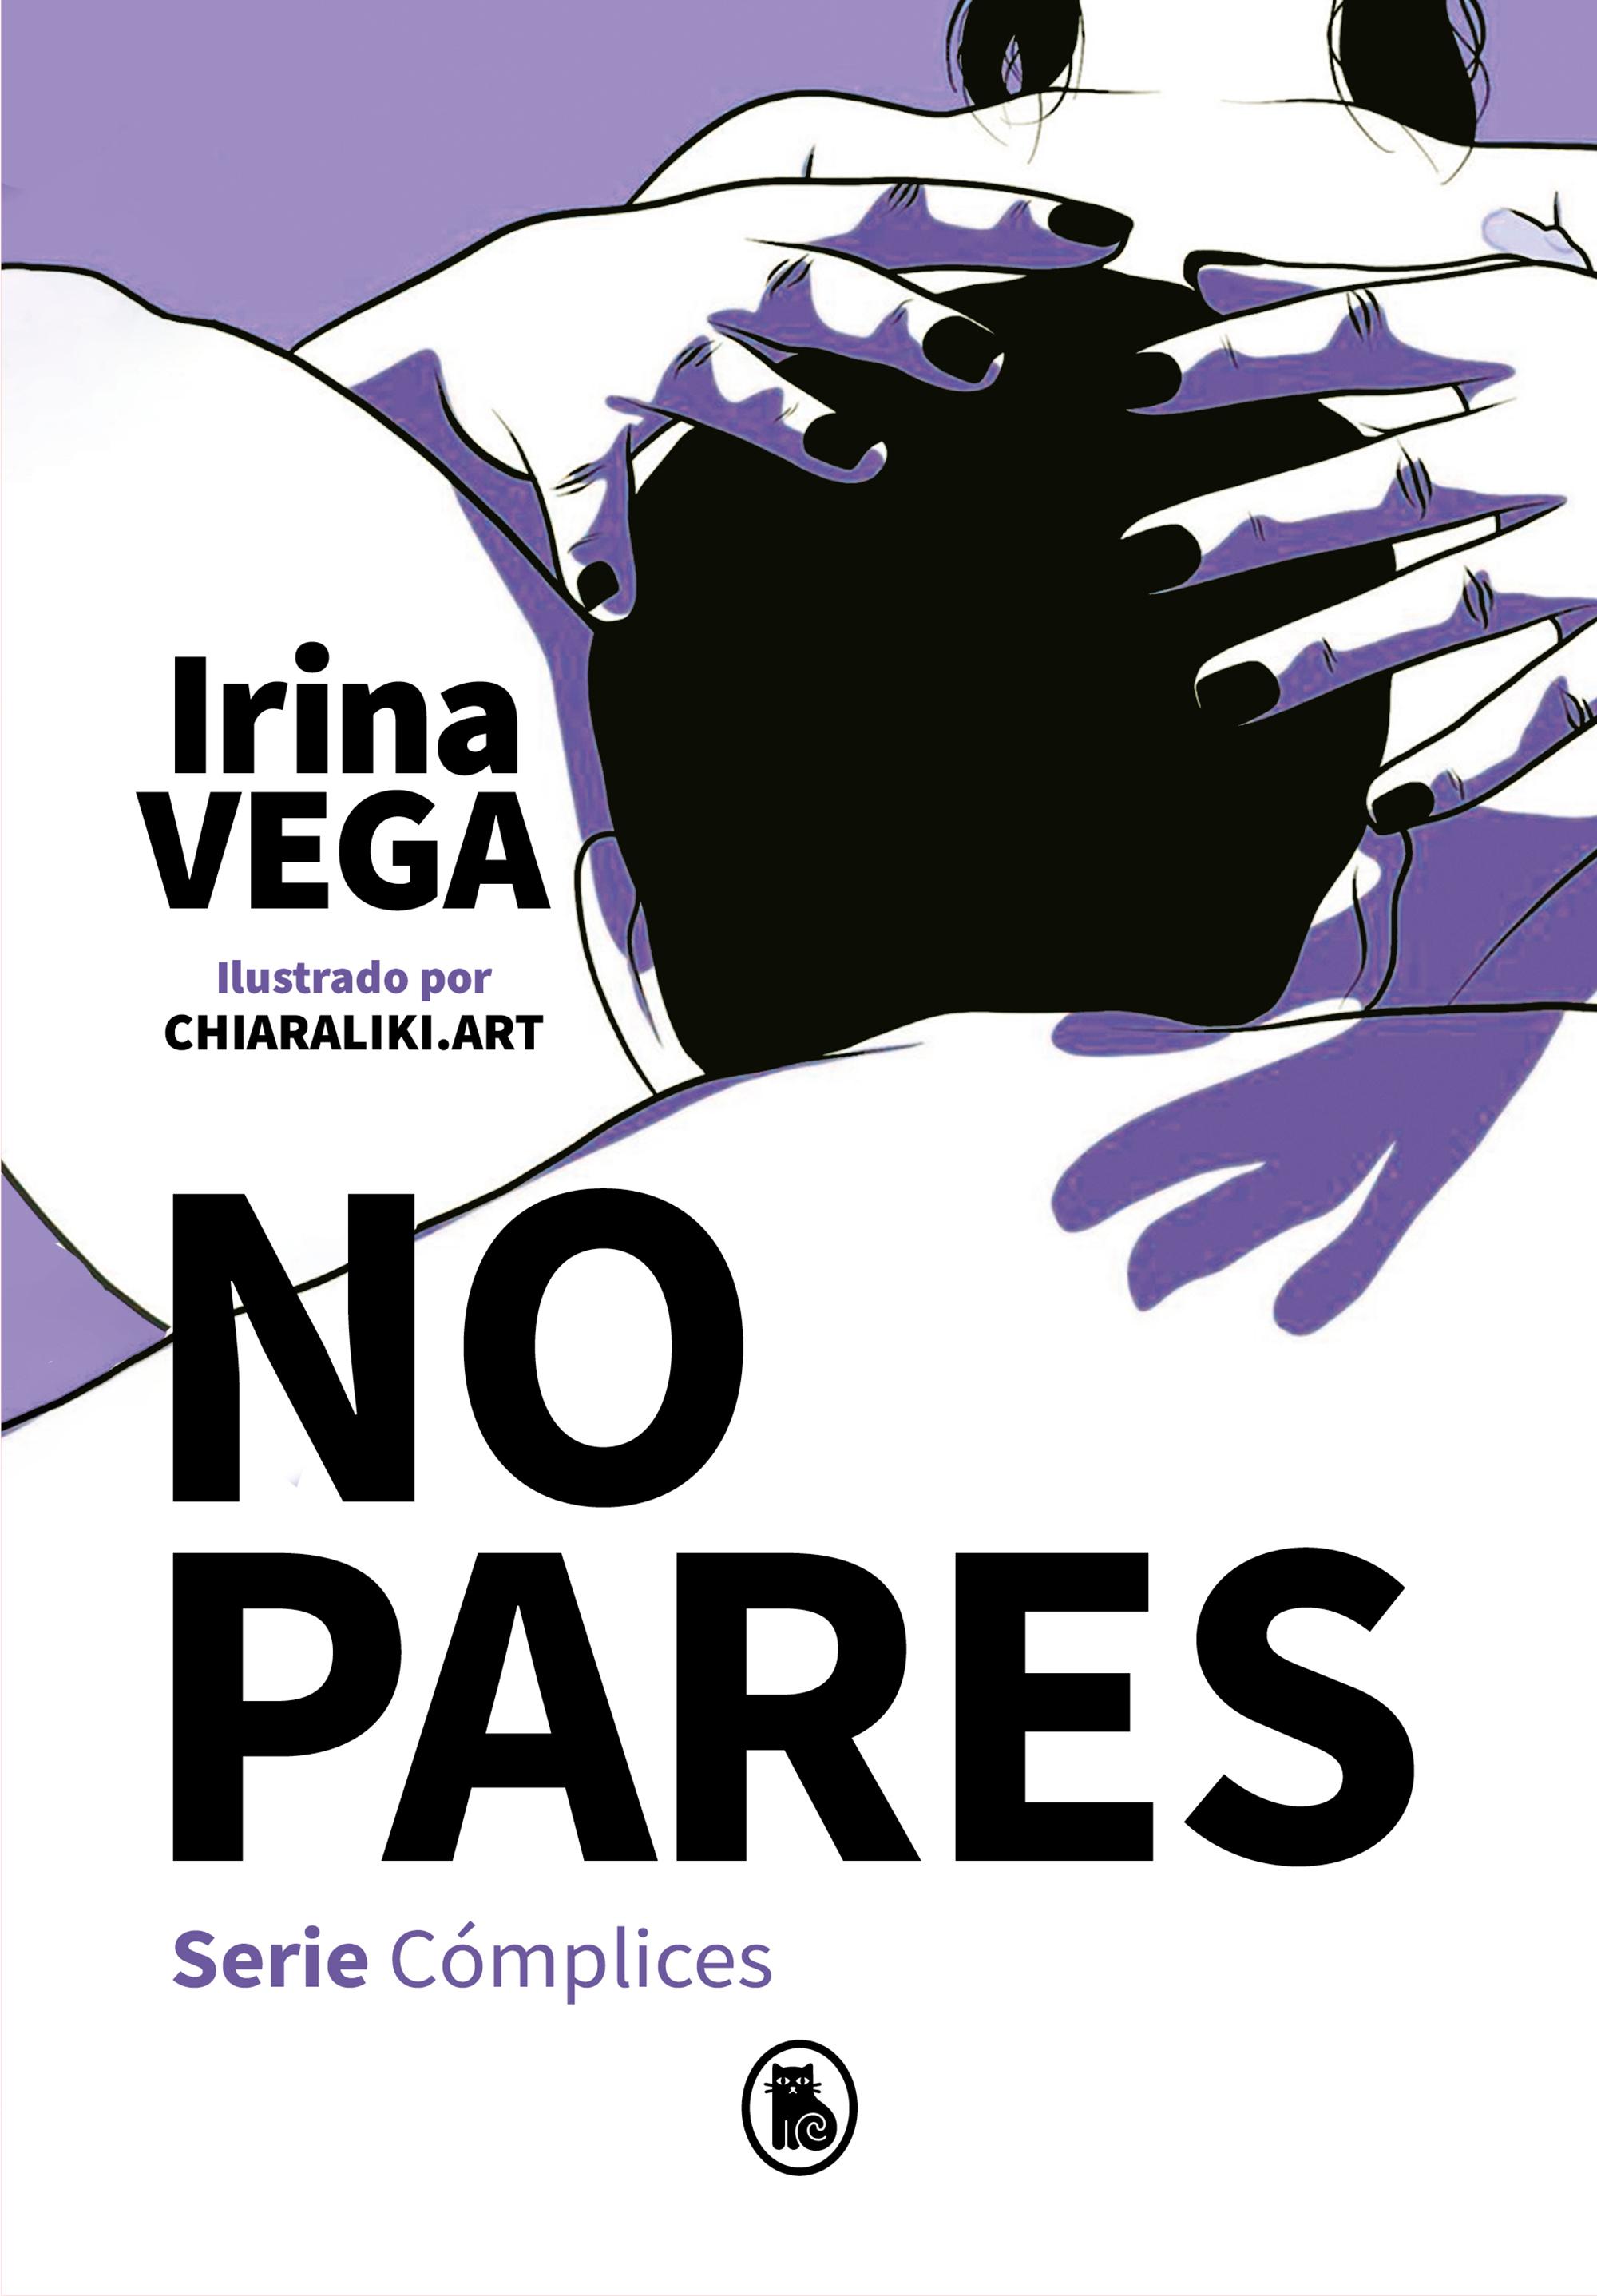 No pares (Serie Cómplices 2)